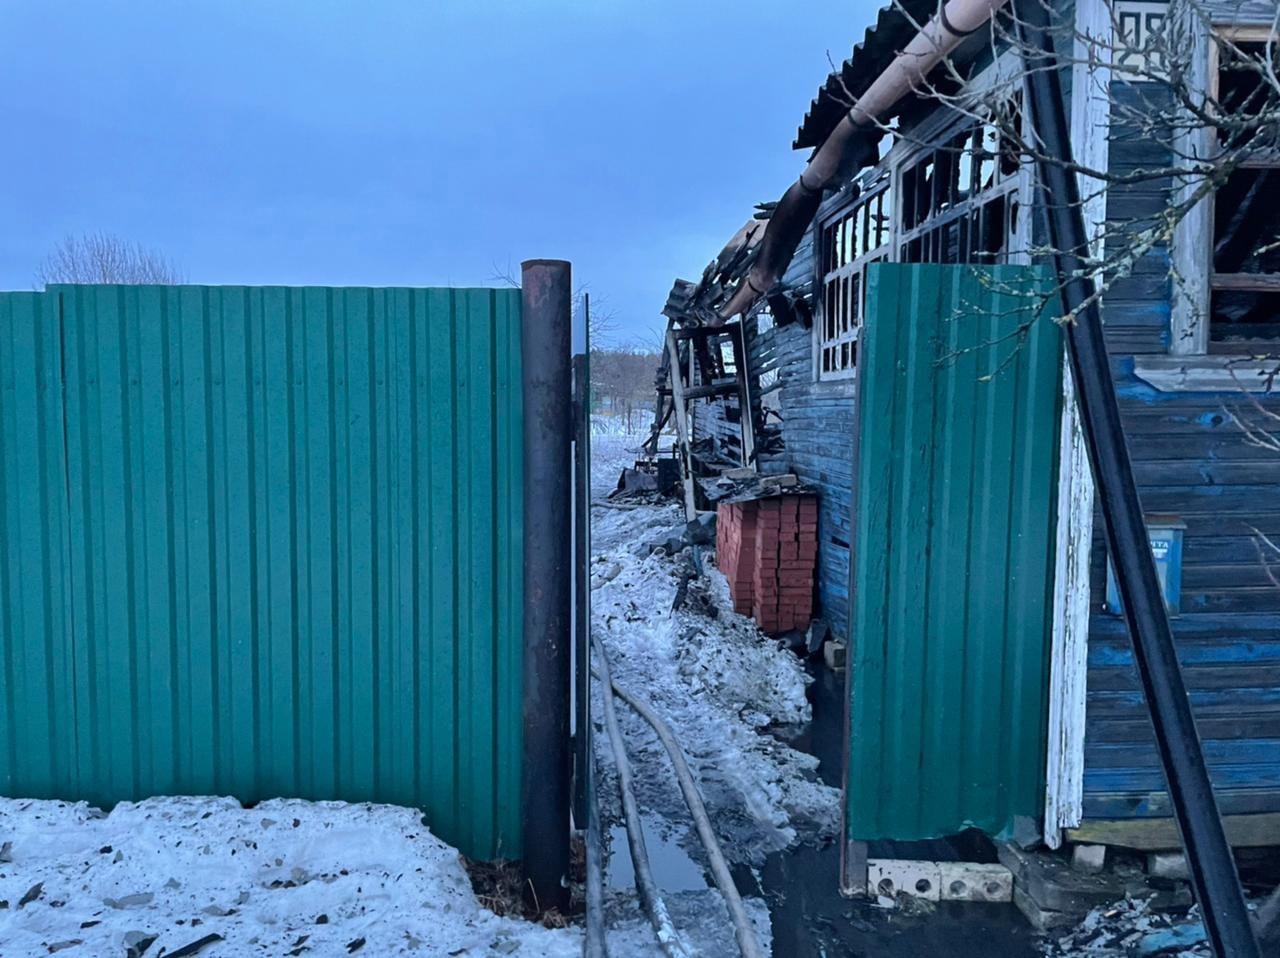 Тело мужчины нашли в сгоревшем доме в Тверской области